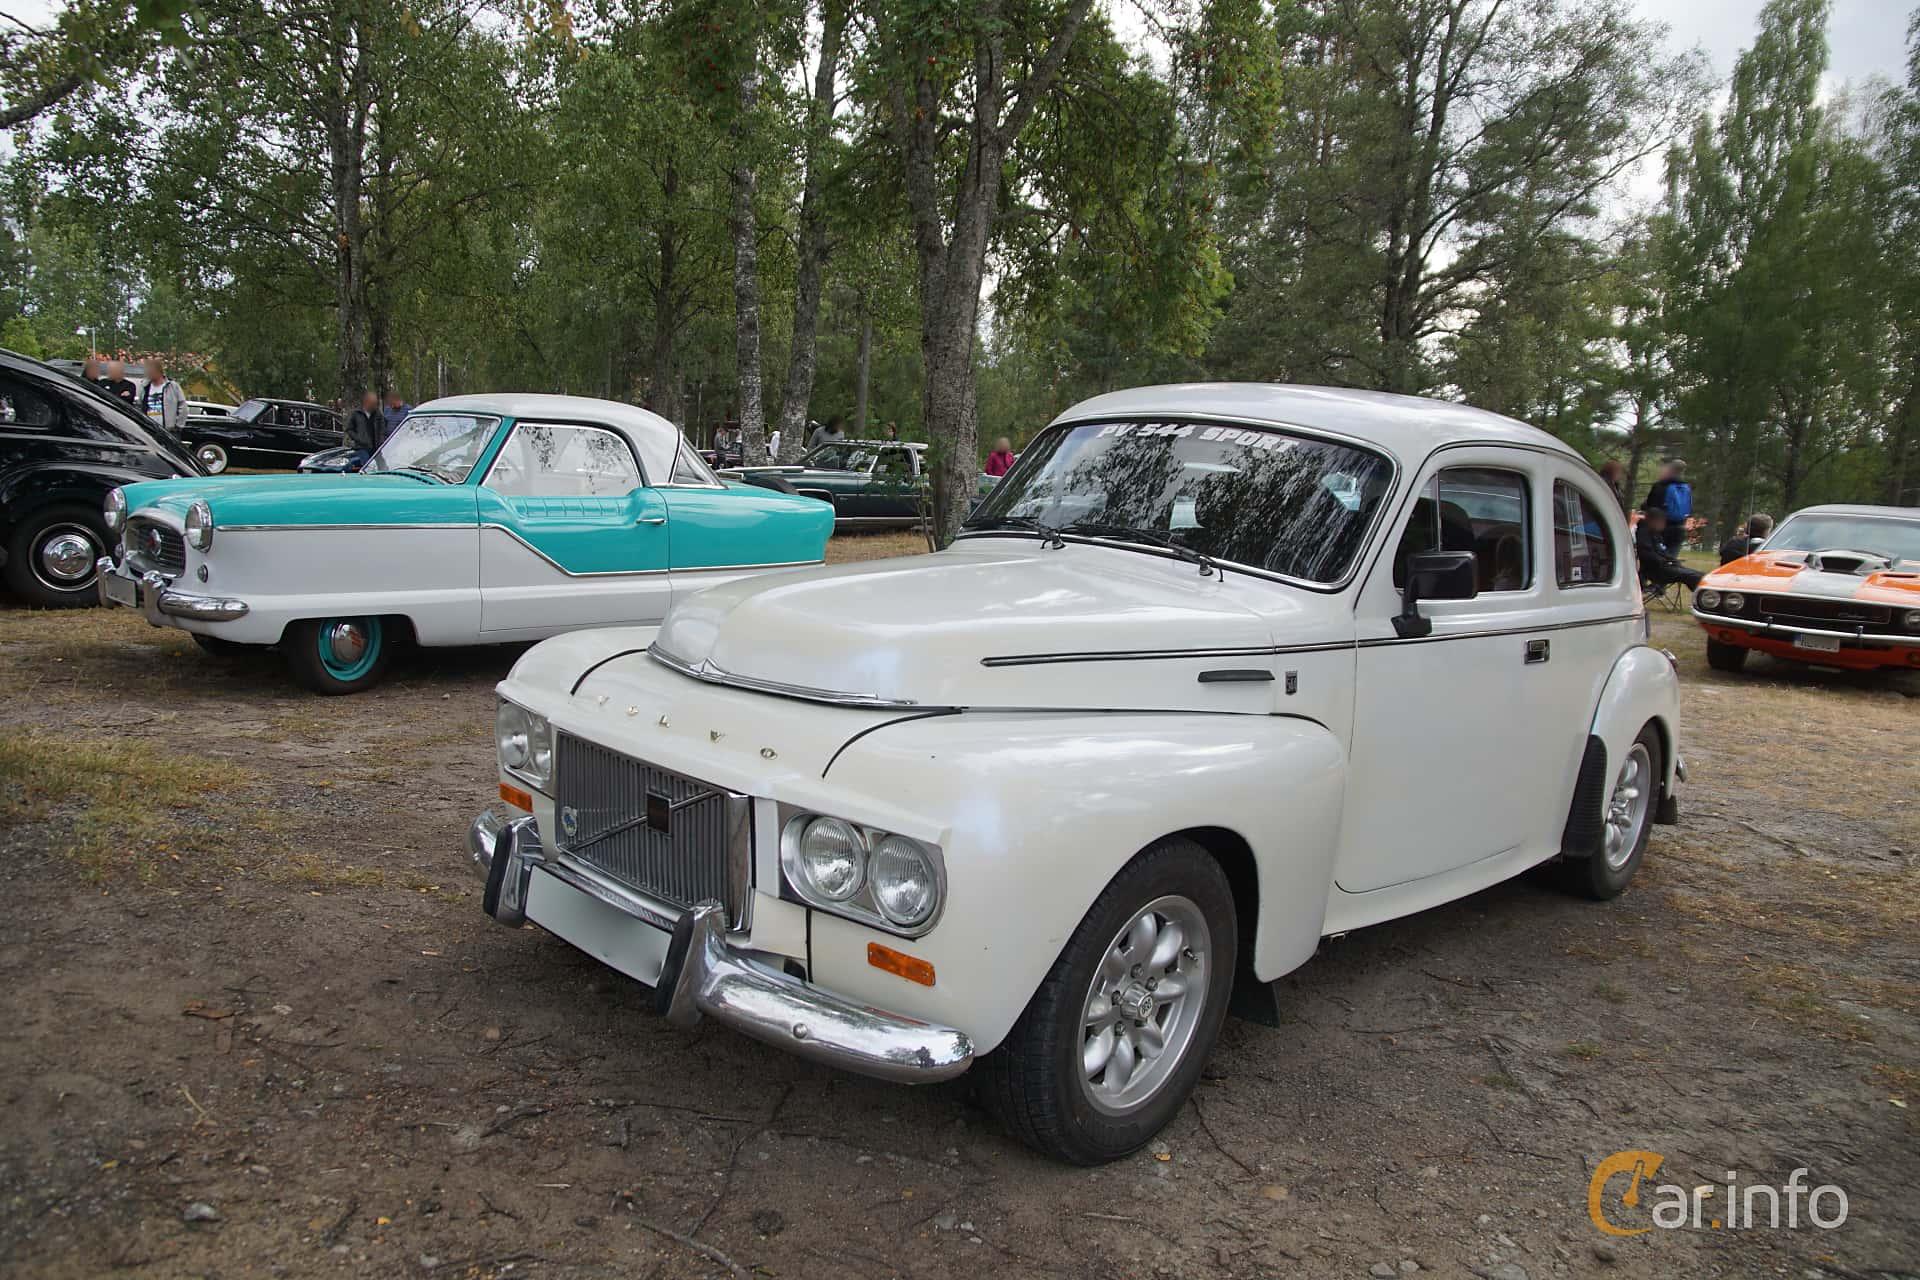 Volvo PV544E Sport 1.8 Manual, 90hp, 1964 at Onsdagsträffar på Gammlia Umeå 2019 vecka 32